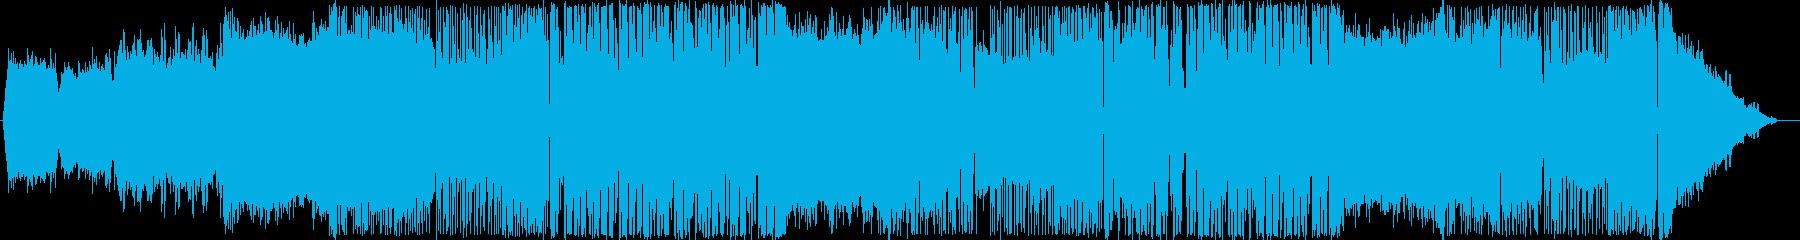 サイバーパンク・ゴシック系EDMの再生済みの波形